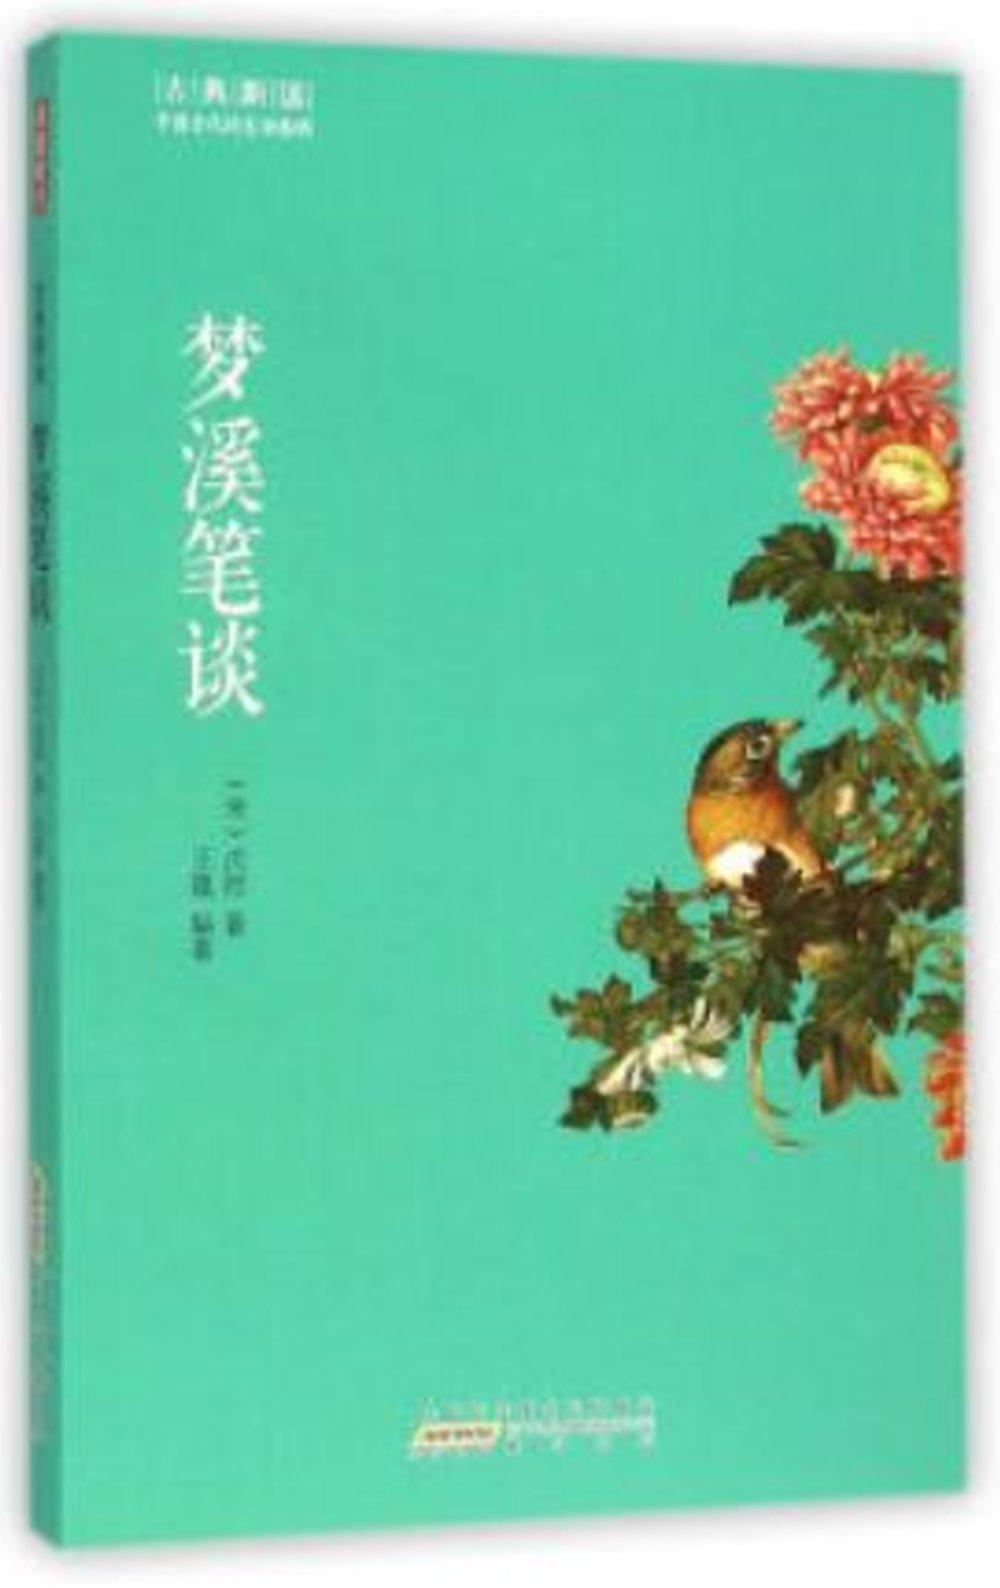 古典新讀:夢溪筆談